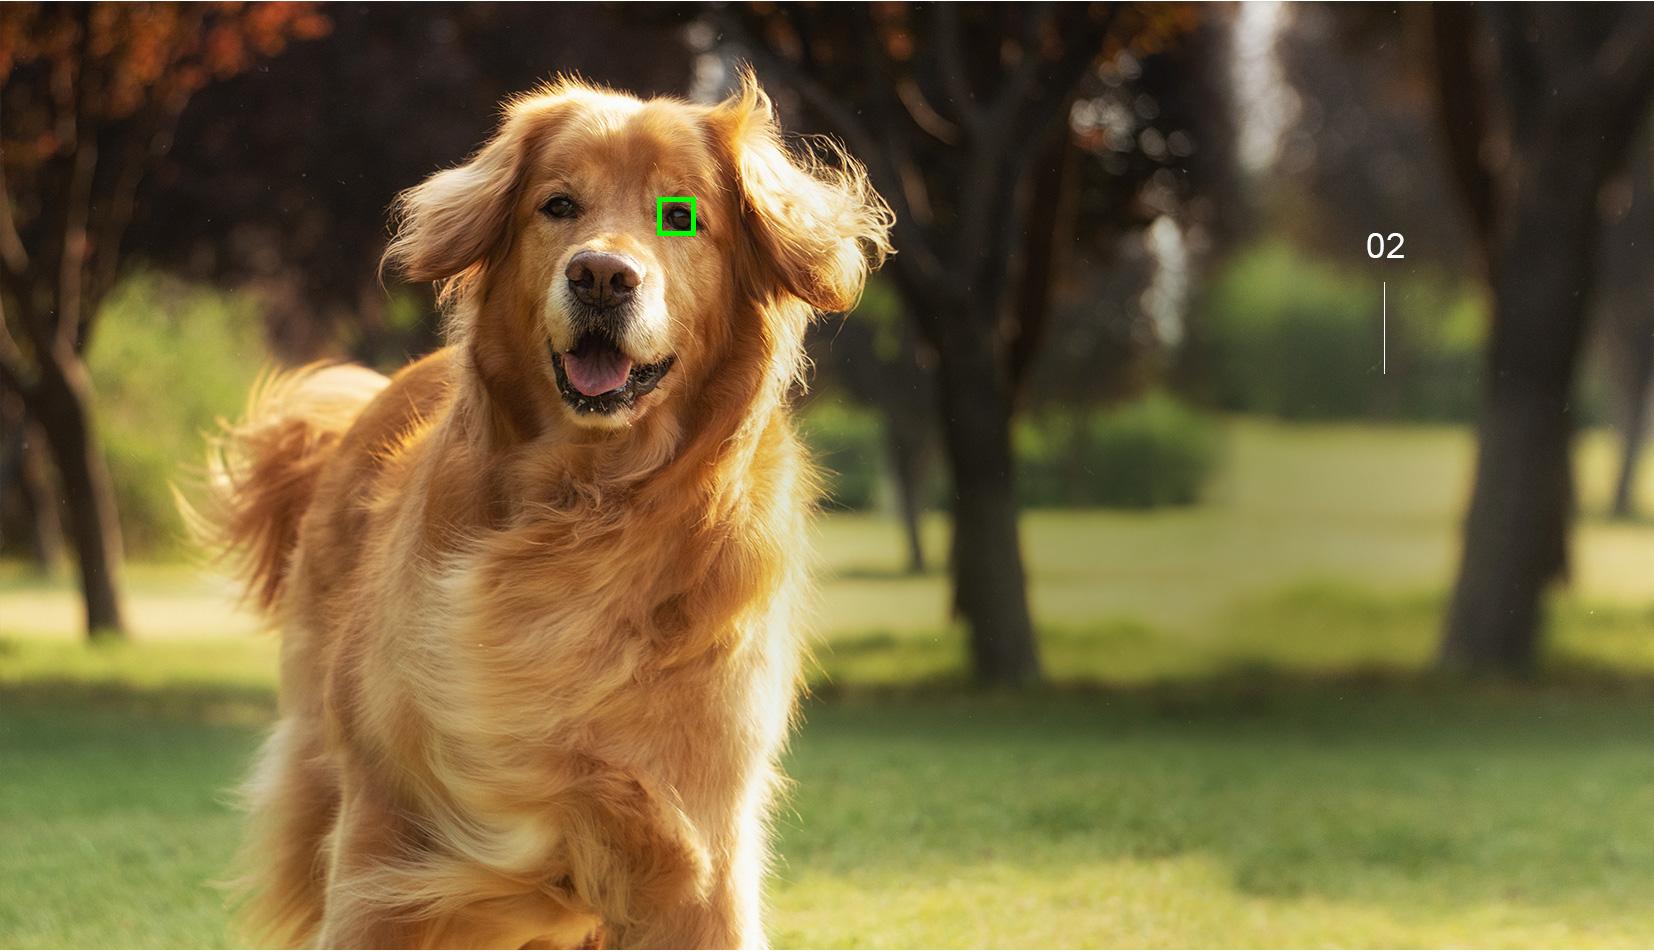 實時動物眼部對焦樣照